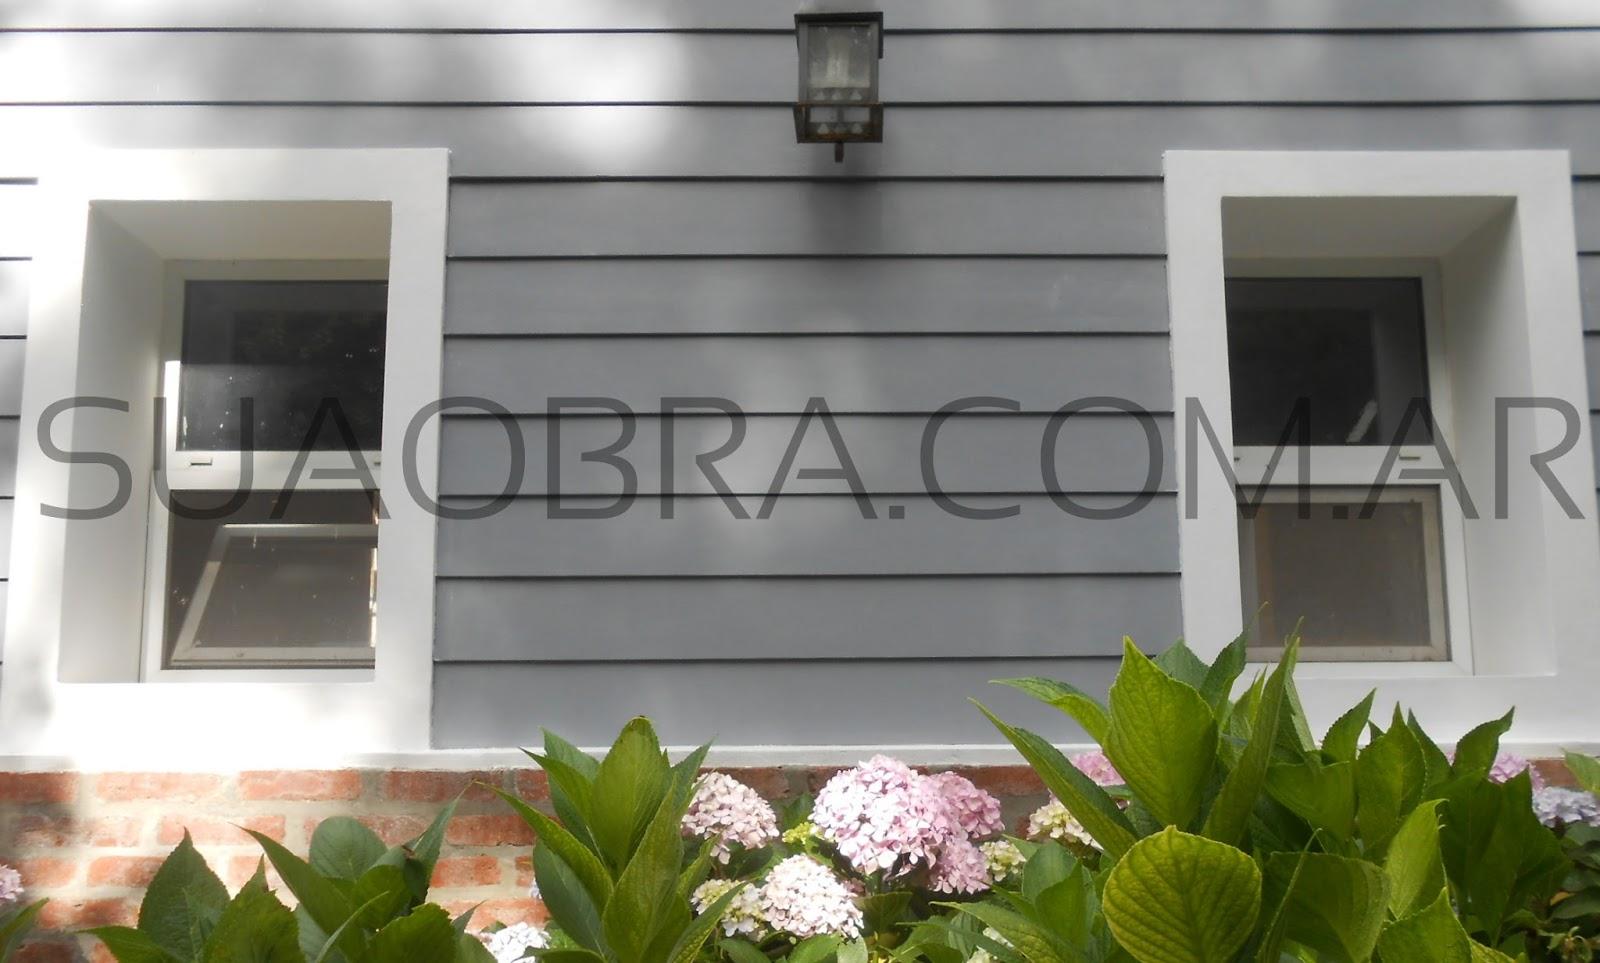 Colocacion profesional tarquini suaobra com ar for Pintura para exteriores